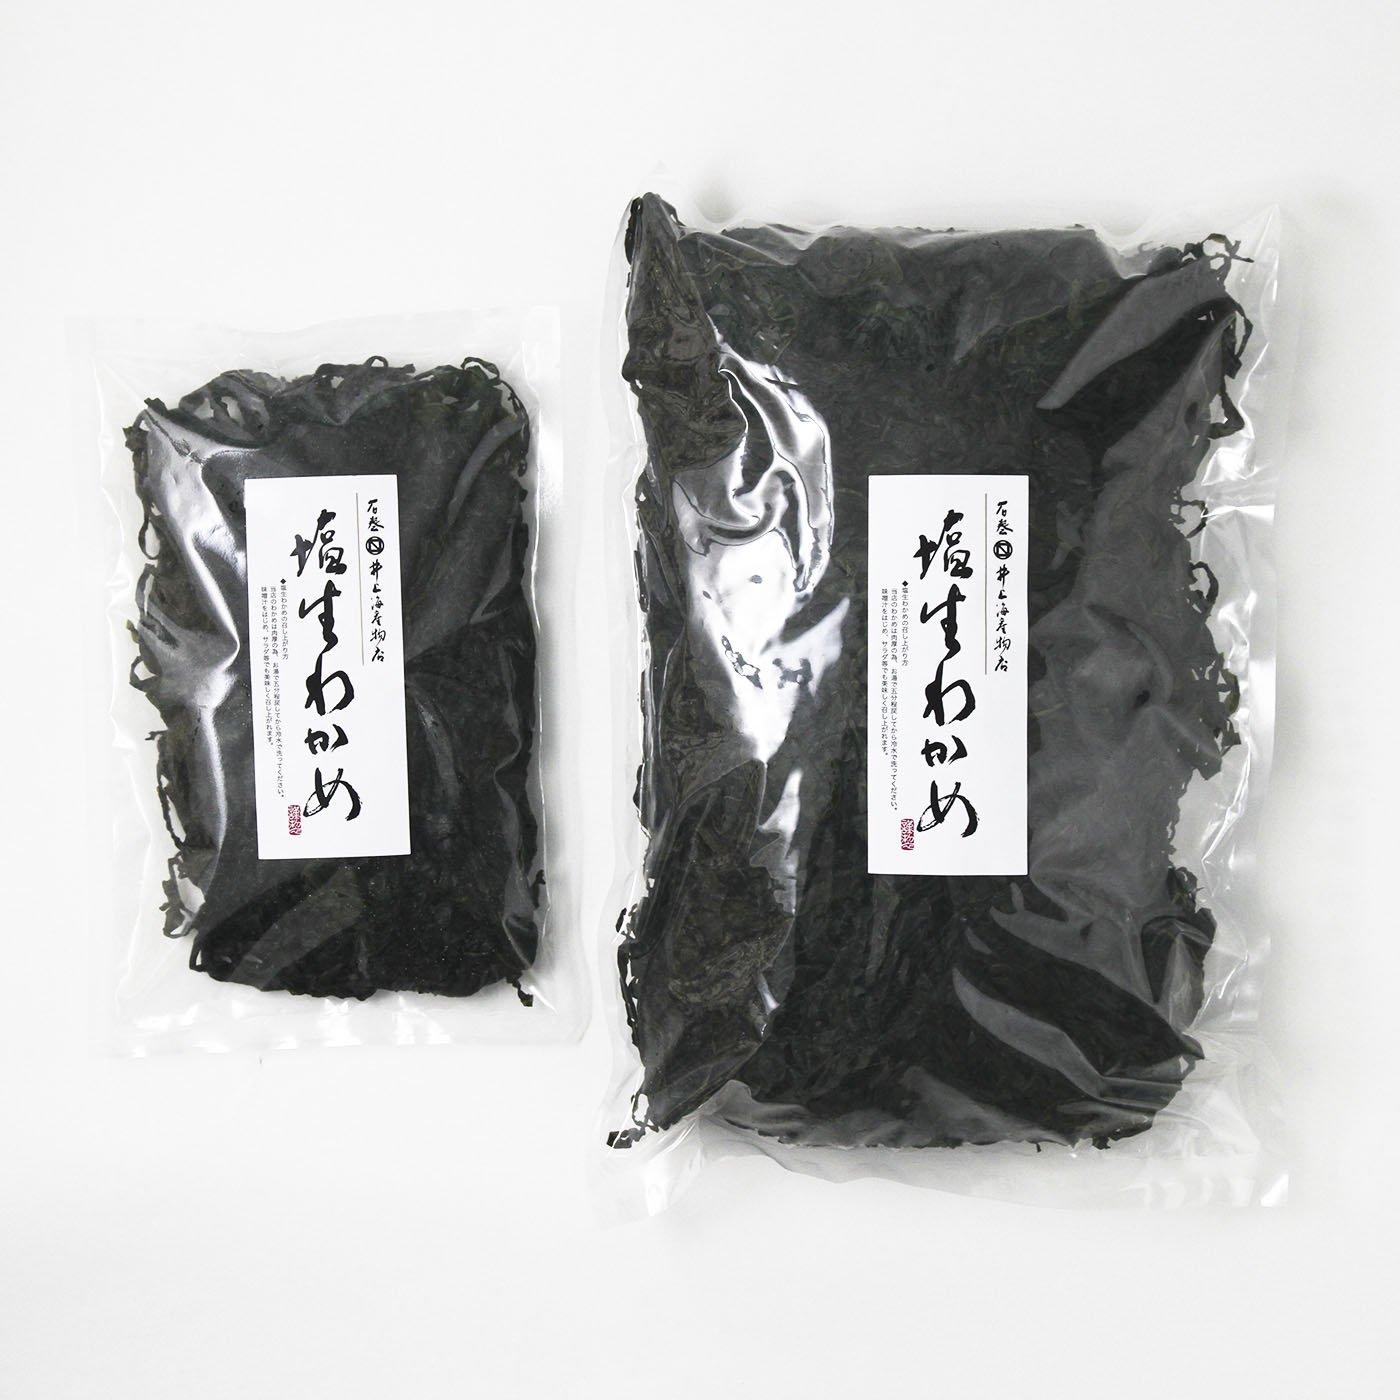 三陸産 塩蔵わかめ 業務用 2.2kg